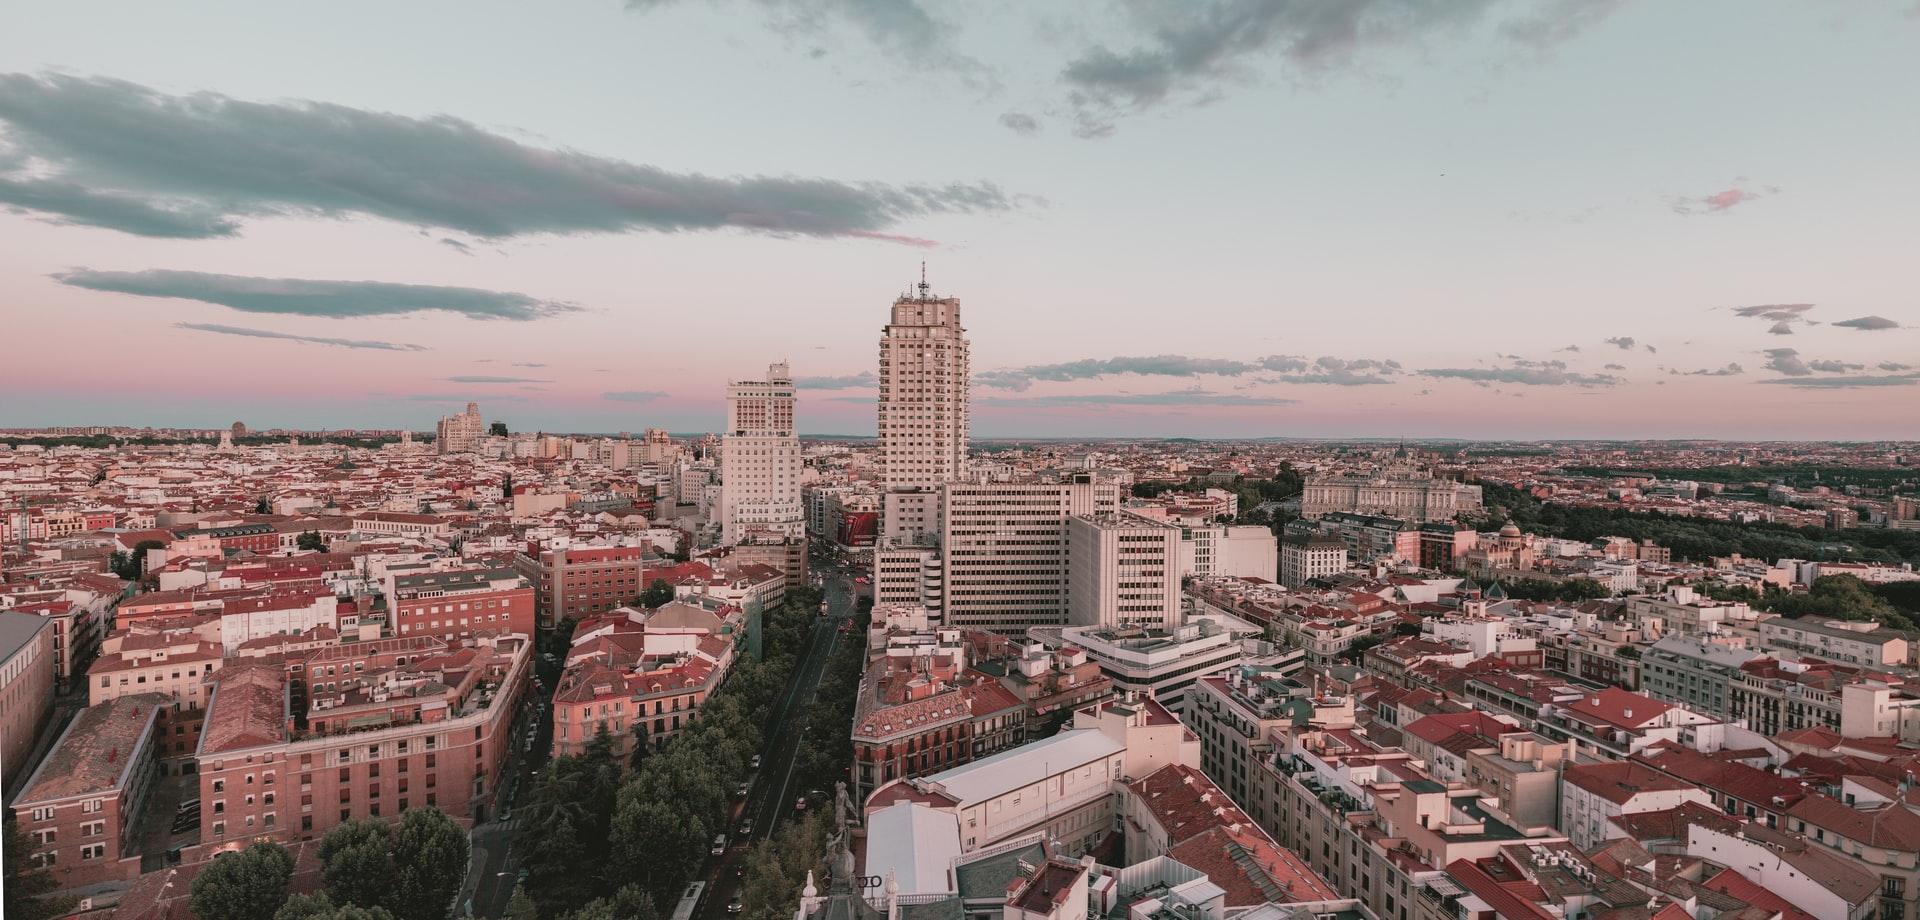 Comprar casa: el precio de la vivienda en Madrid